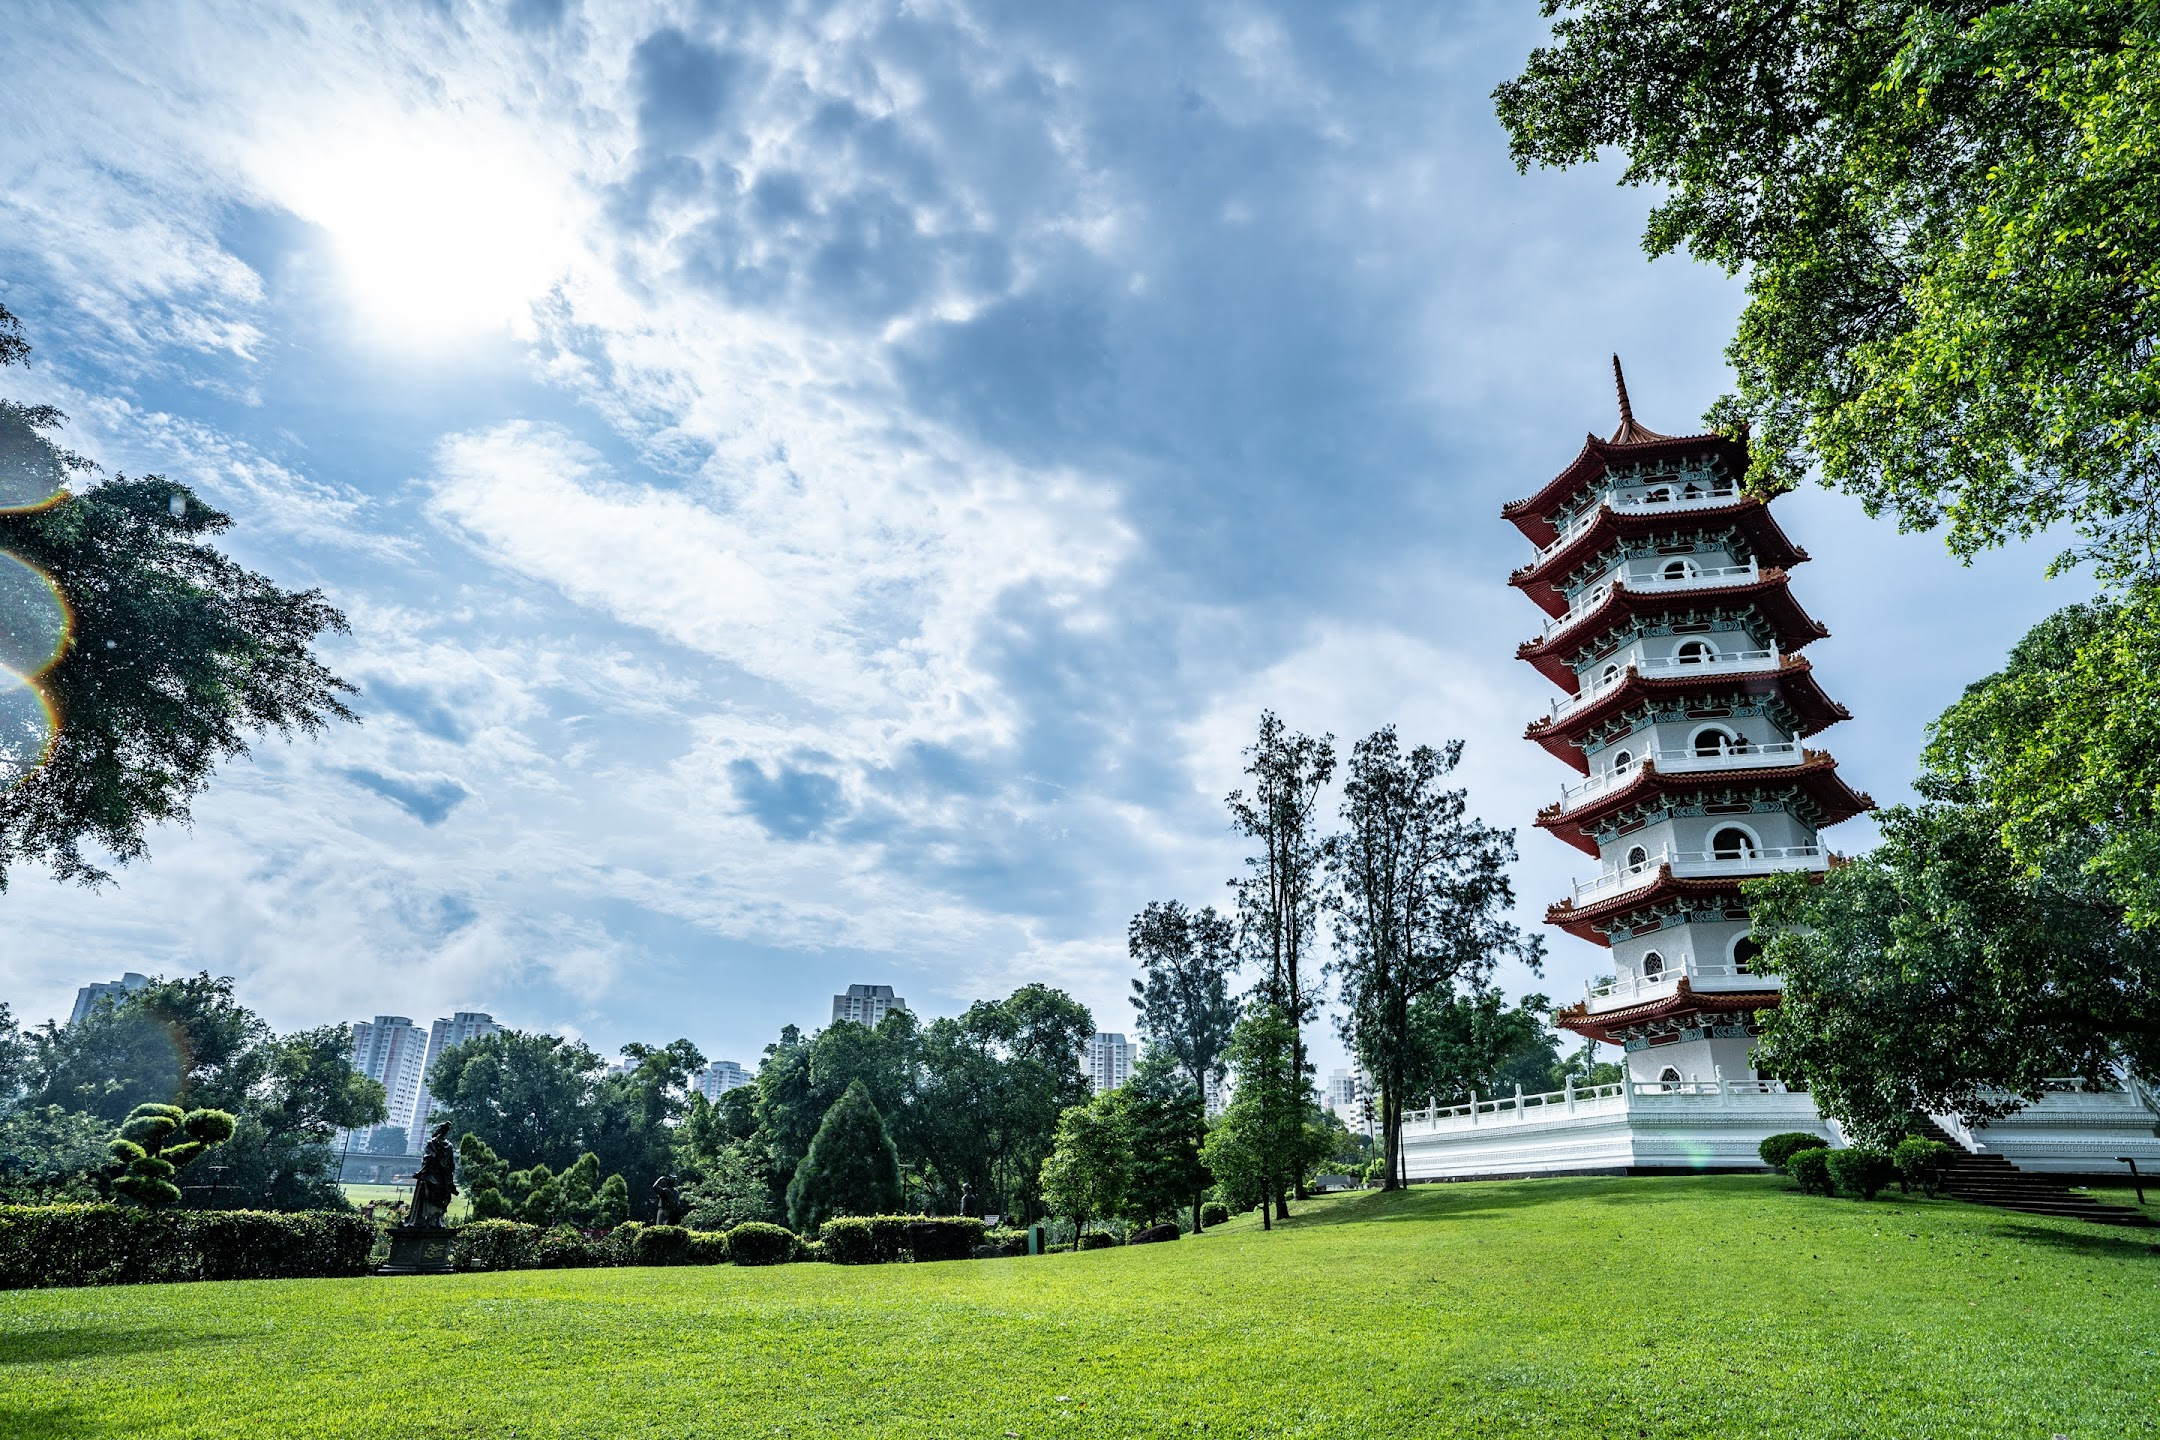 シンガポール チャイニーズ・ガーデン (Chinese Garden) 2